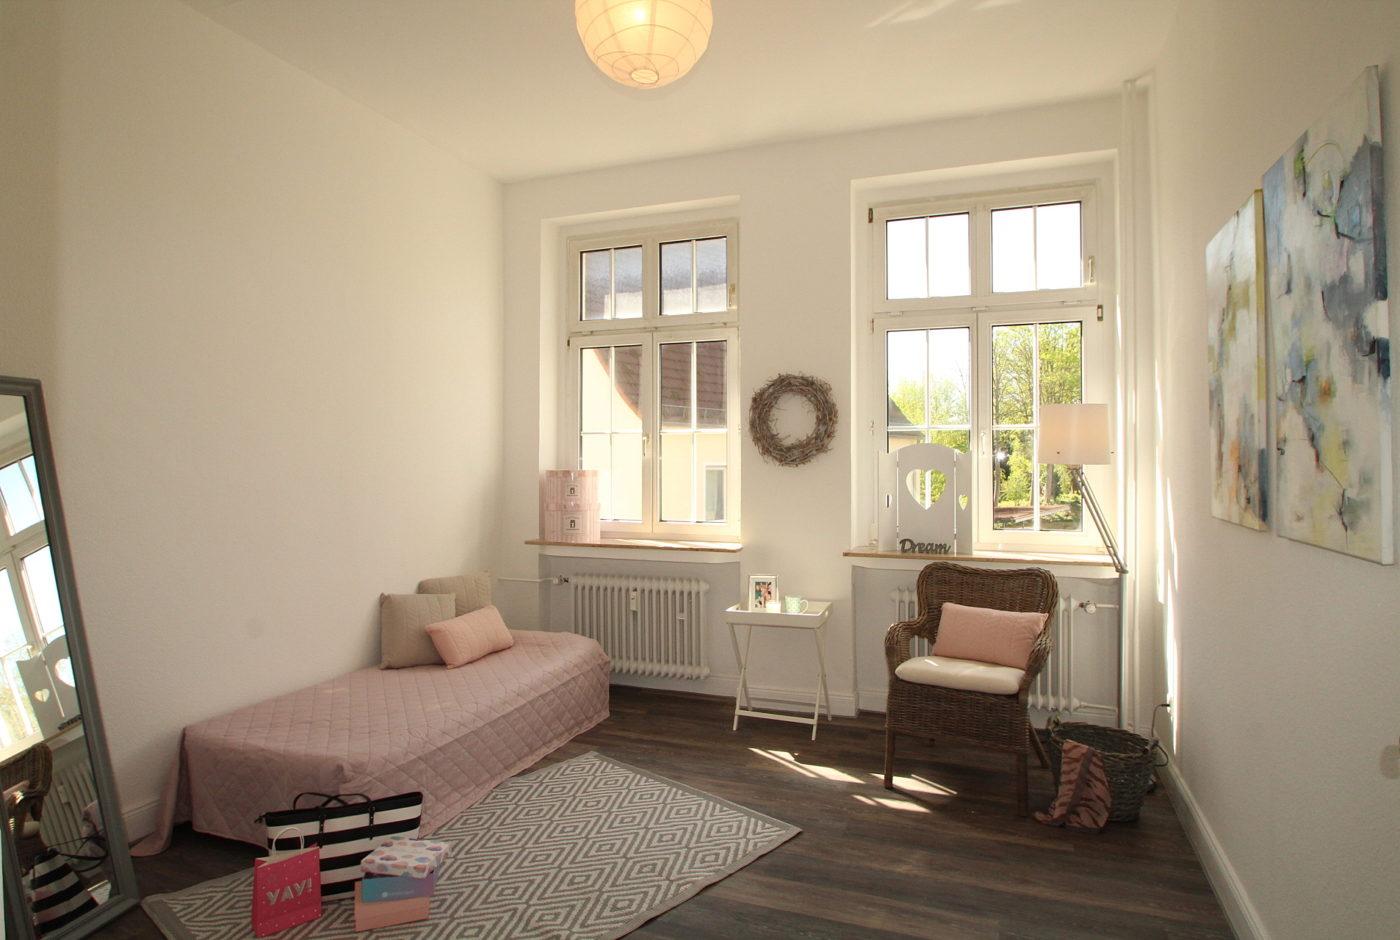 Fokussiert auf die Zielgruppe - Blickfang Homestaging in Soest - So verkauft und vermietet man Immobilien heute